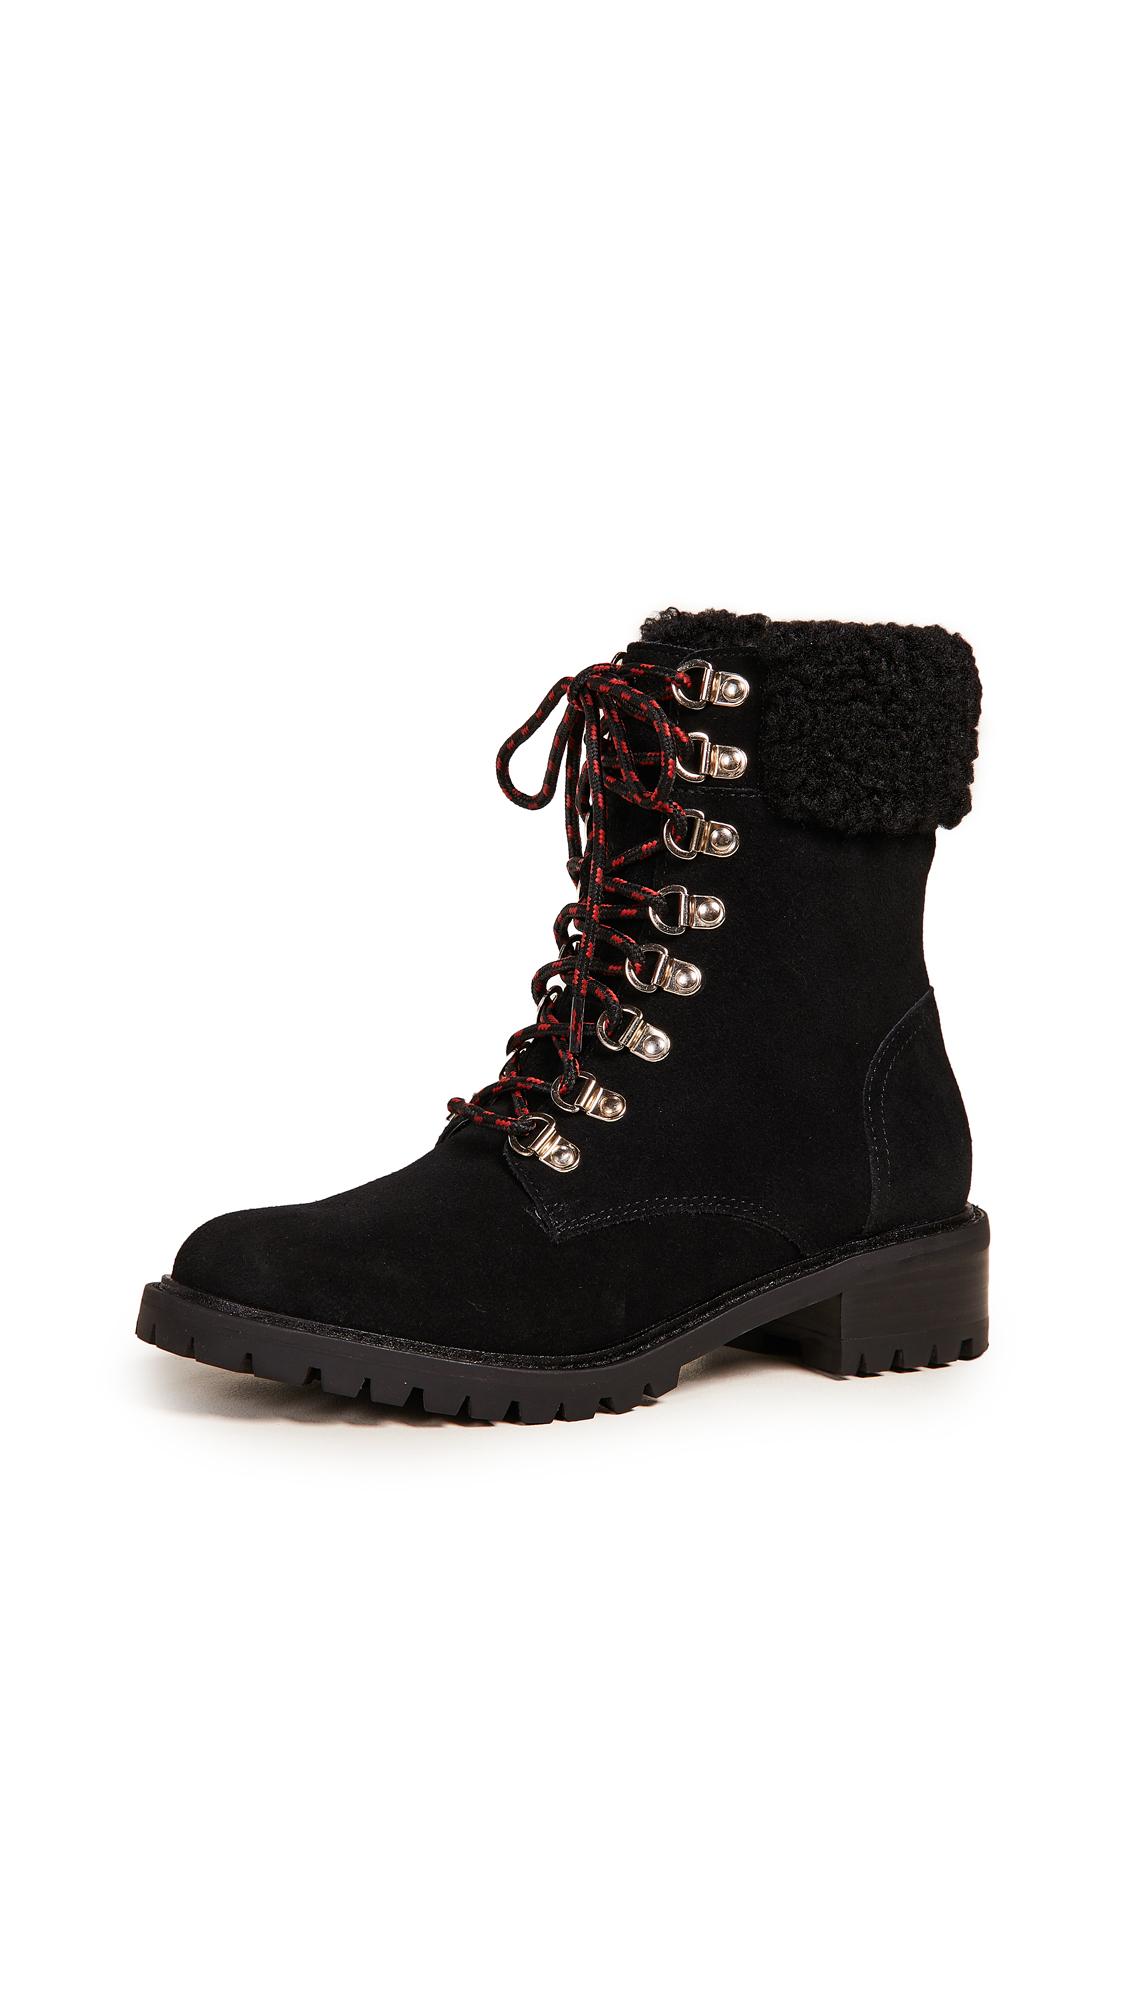 Photo of Steven Lavar Boots - buy Steven shoes